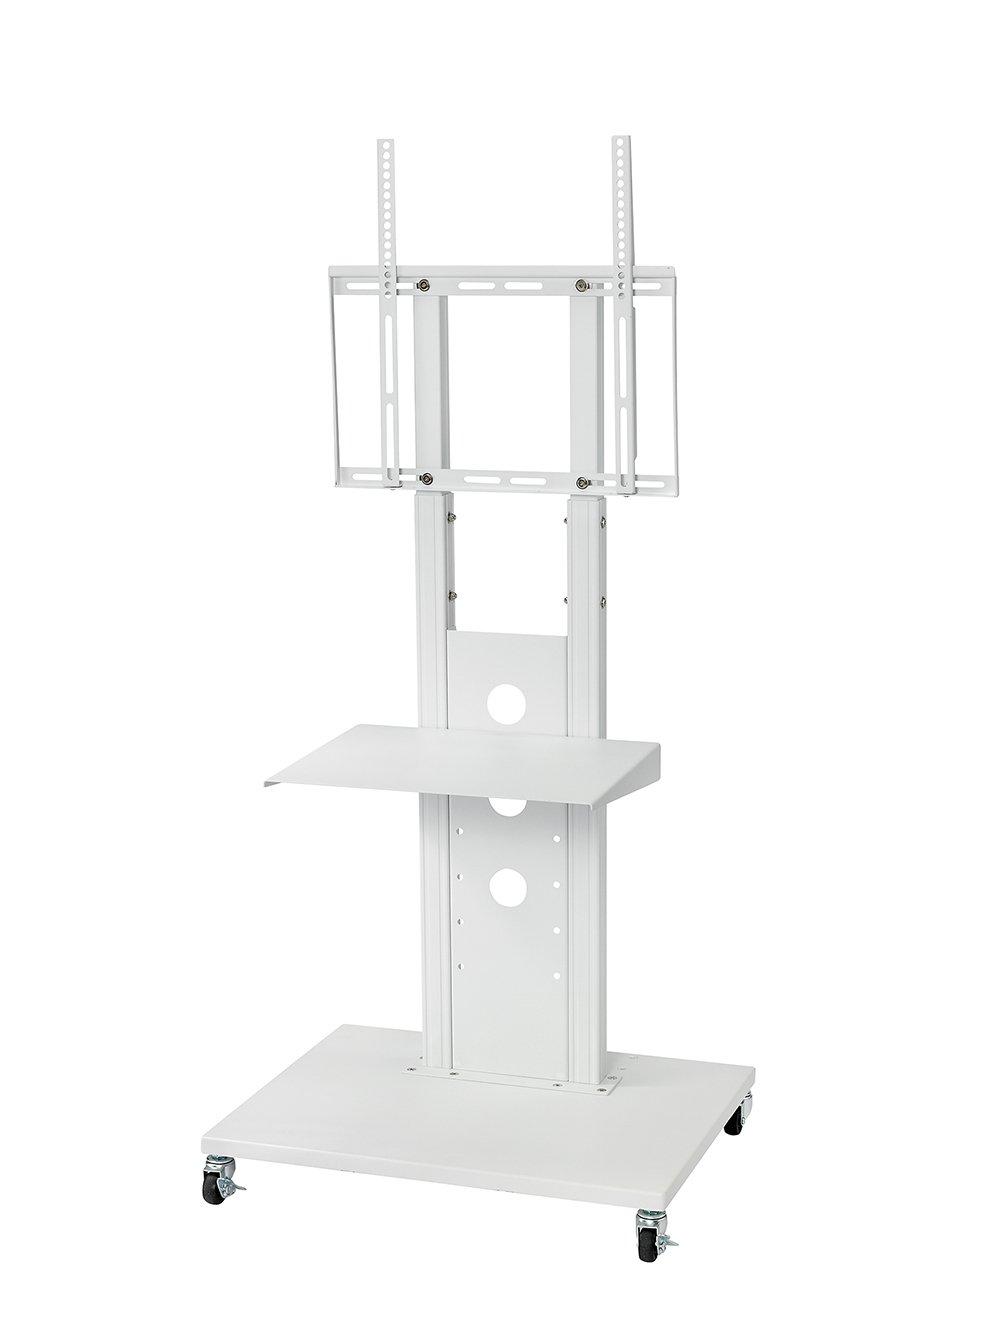 32型~52型液晶テレビ壁寄せスタンド OCF-450Ⅲ (ホワイト, 棚板+キャスター付き) 棚板+キャスター付き ホワイト B01BXTTB92